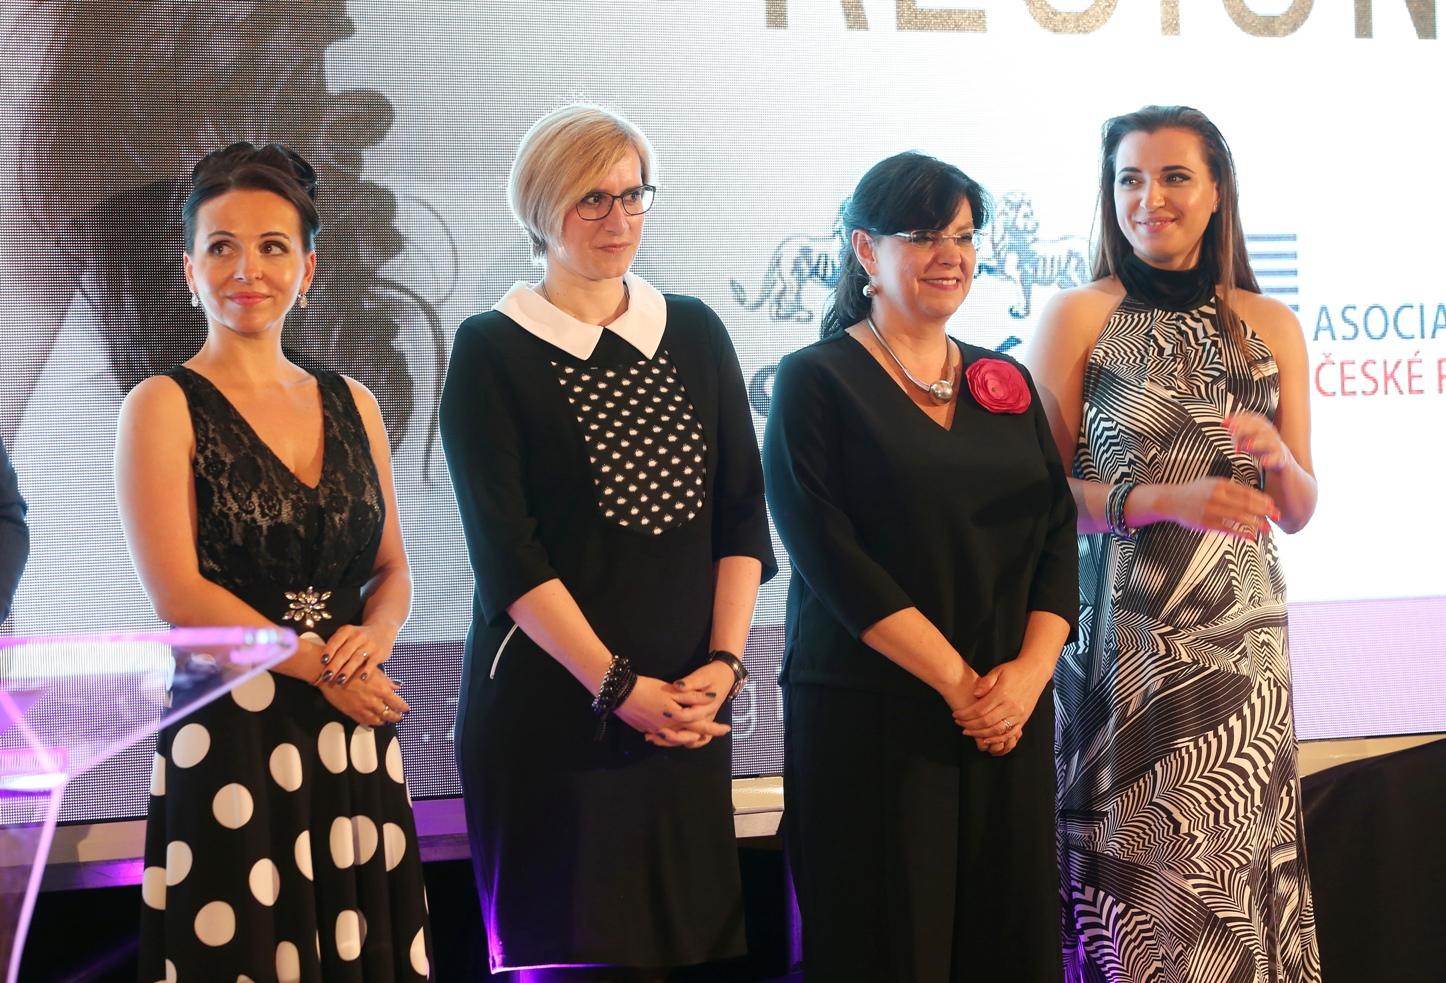 Výkonná ředitelka ŽR Marie Heřmánková, ministryně Karla Šlechtová, ministryně Michaela Marksová a zakladatelka ŽR Denisa Kalivodová